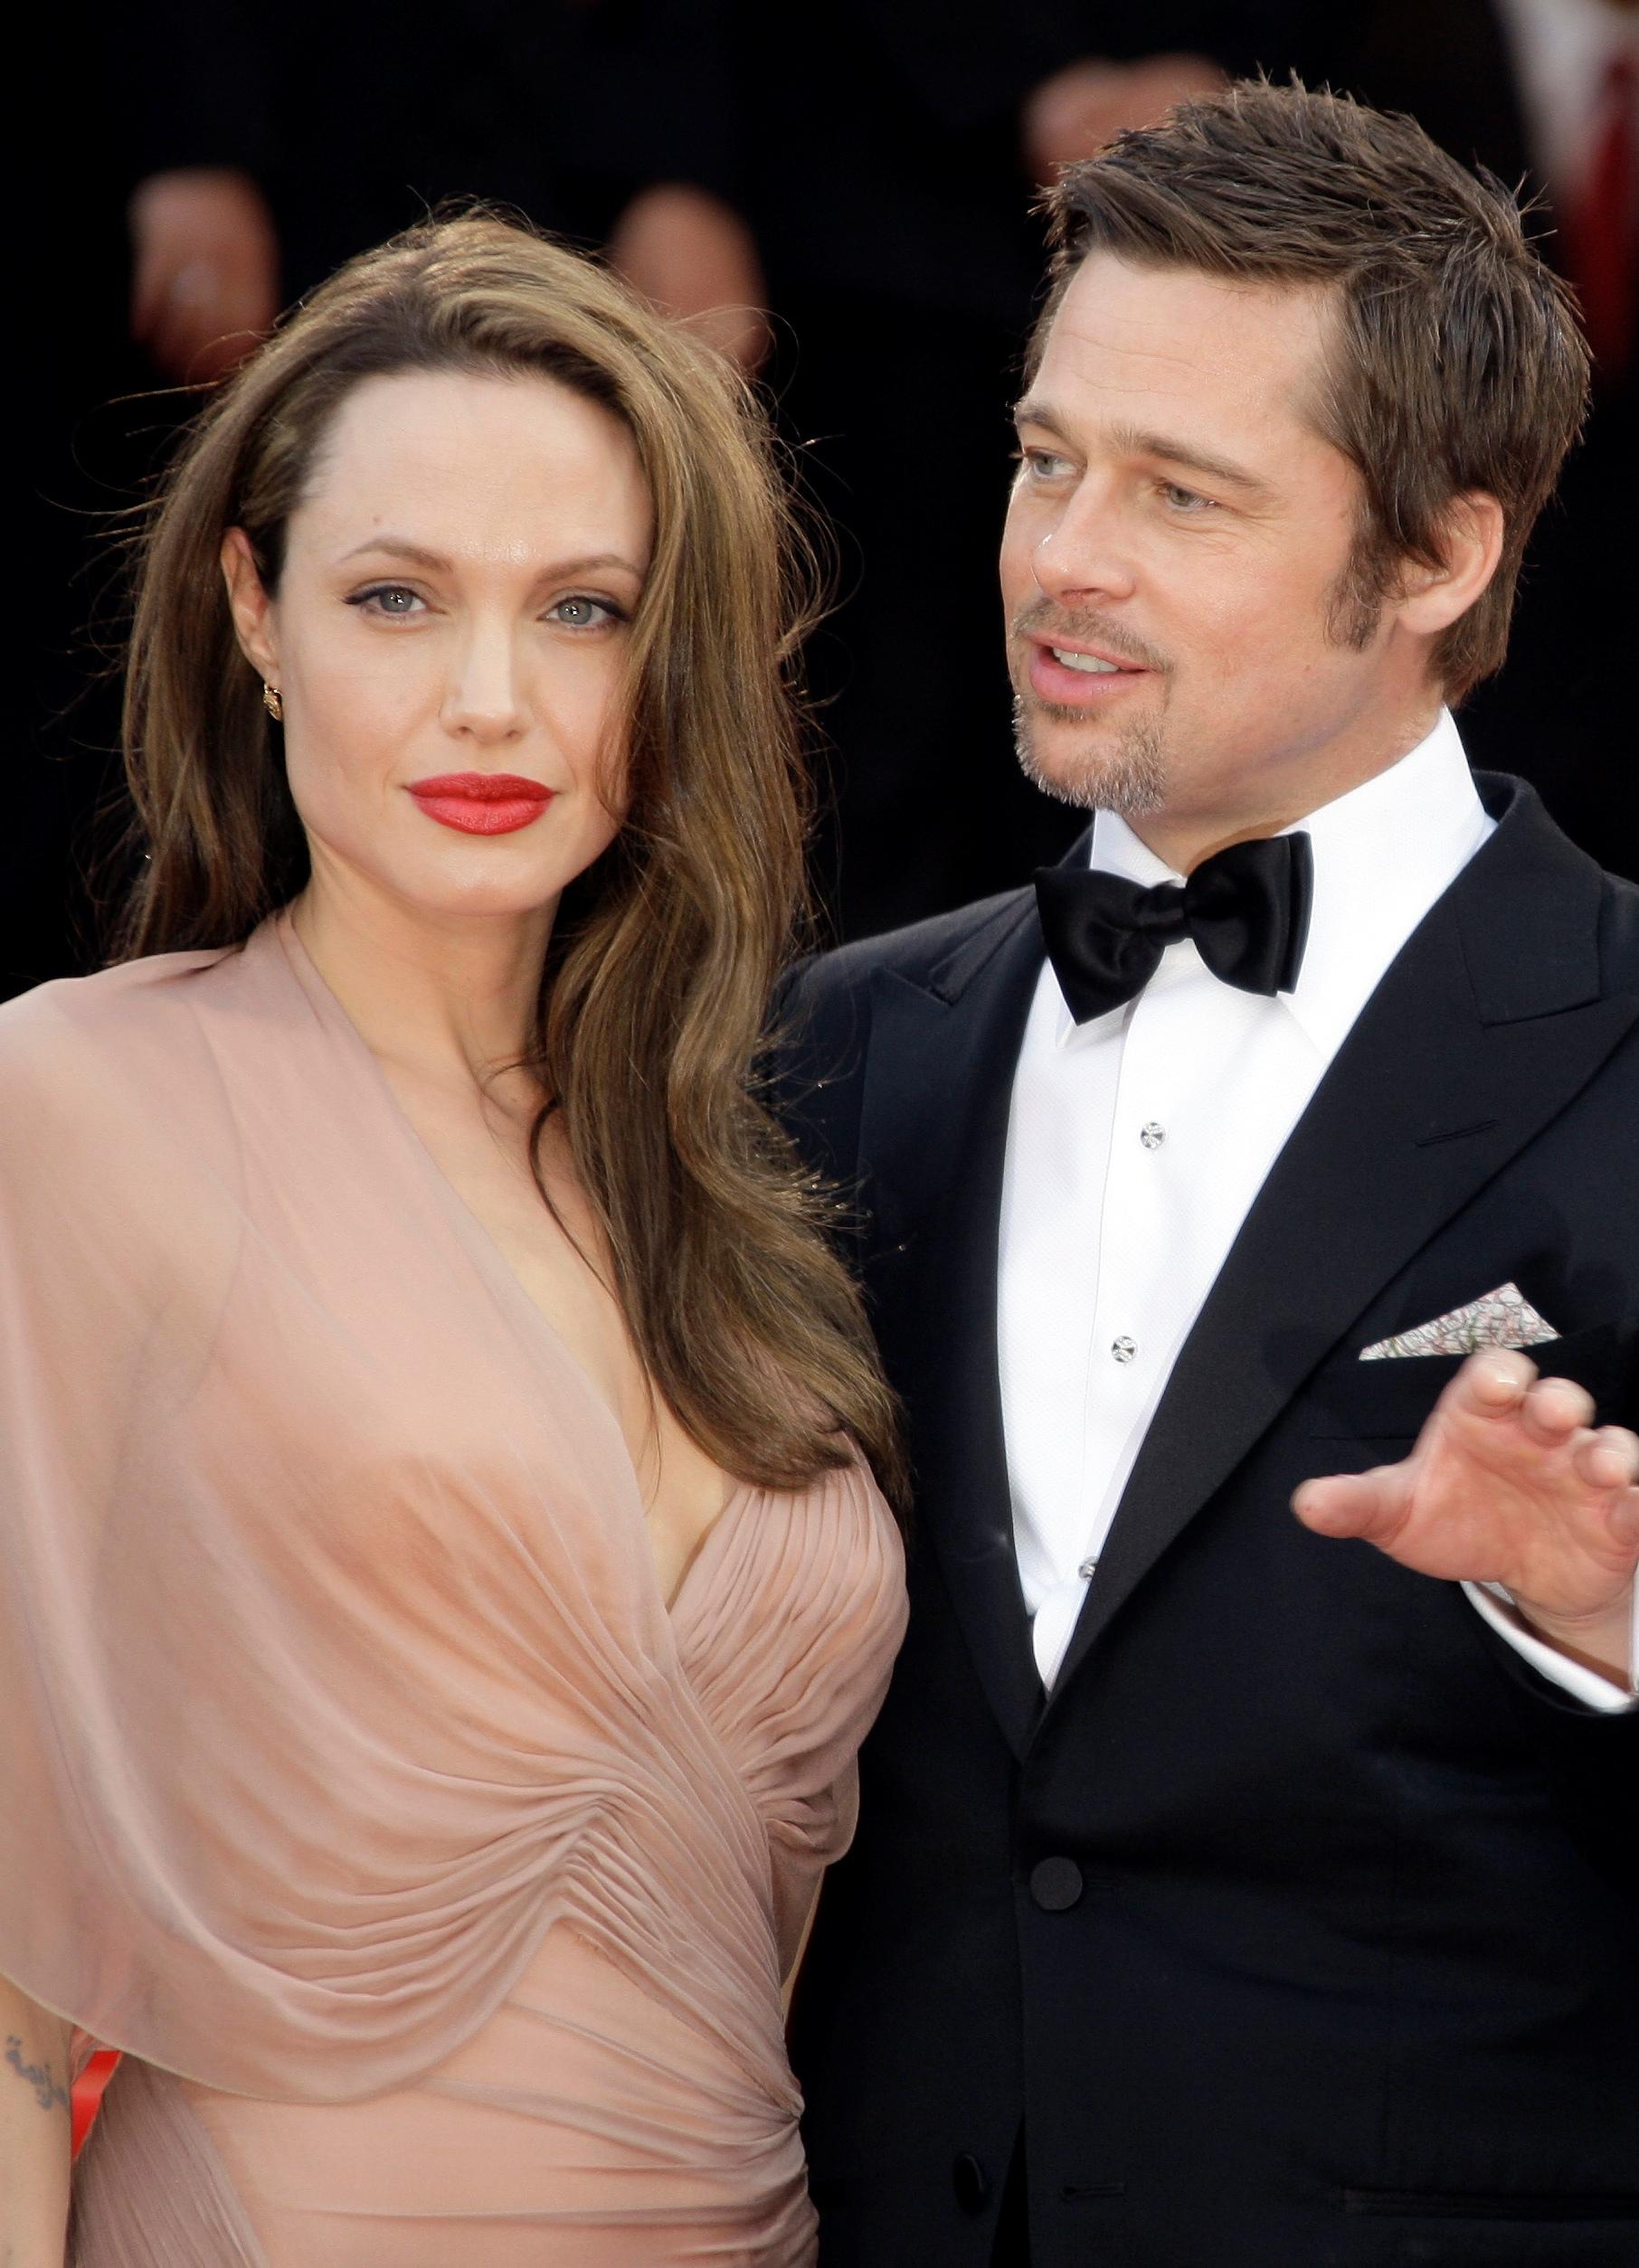 Анджелина Джоли и Бред Питт – последние новости брэд питт новости